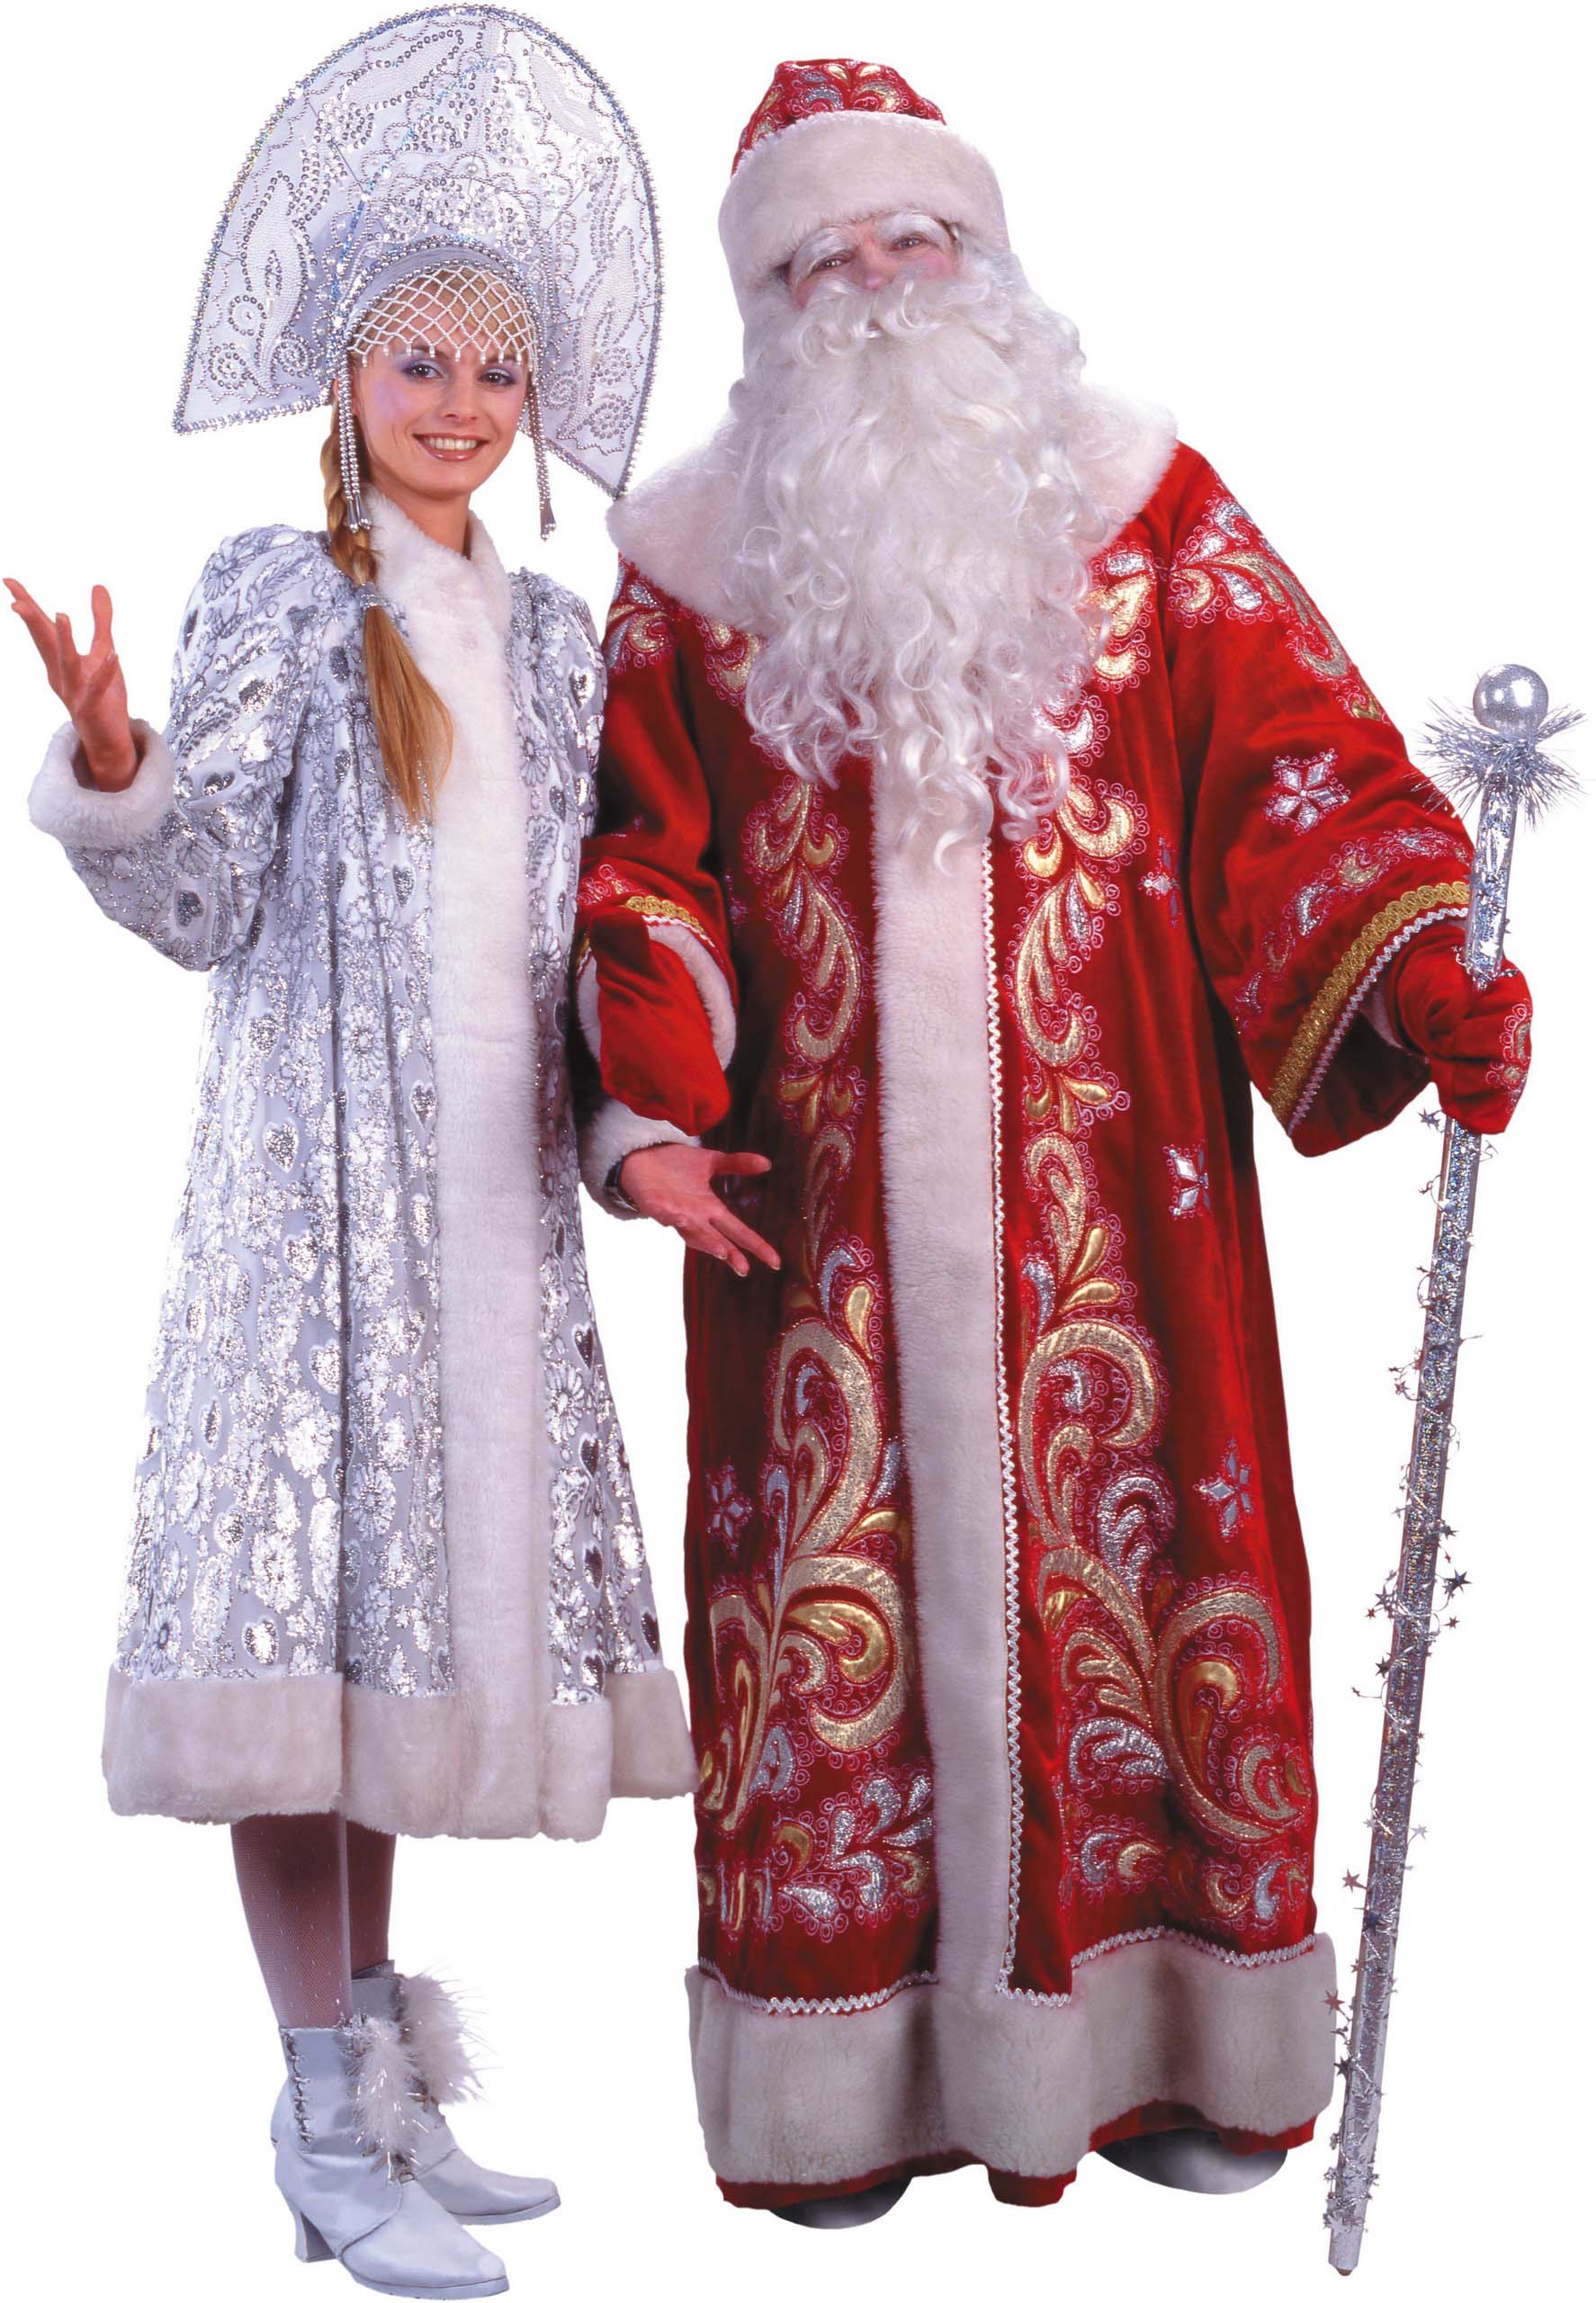 Праздники Новый год Дед Мороз и Снегурочка: http://fon1.ru/load/82-1-0-11571